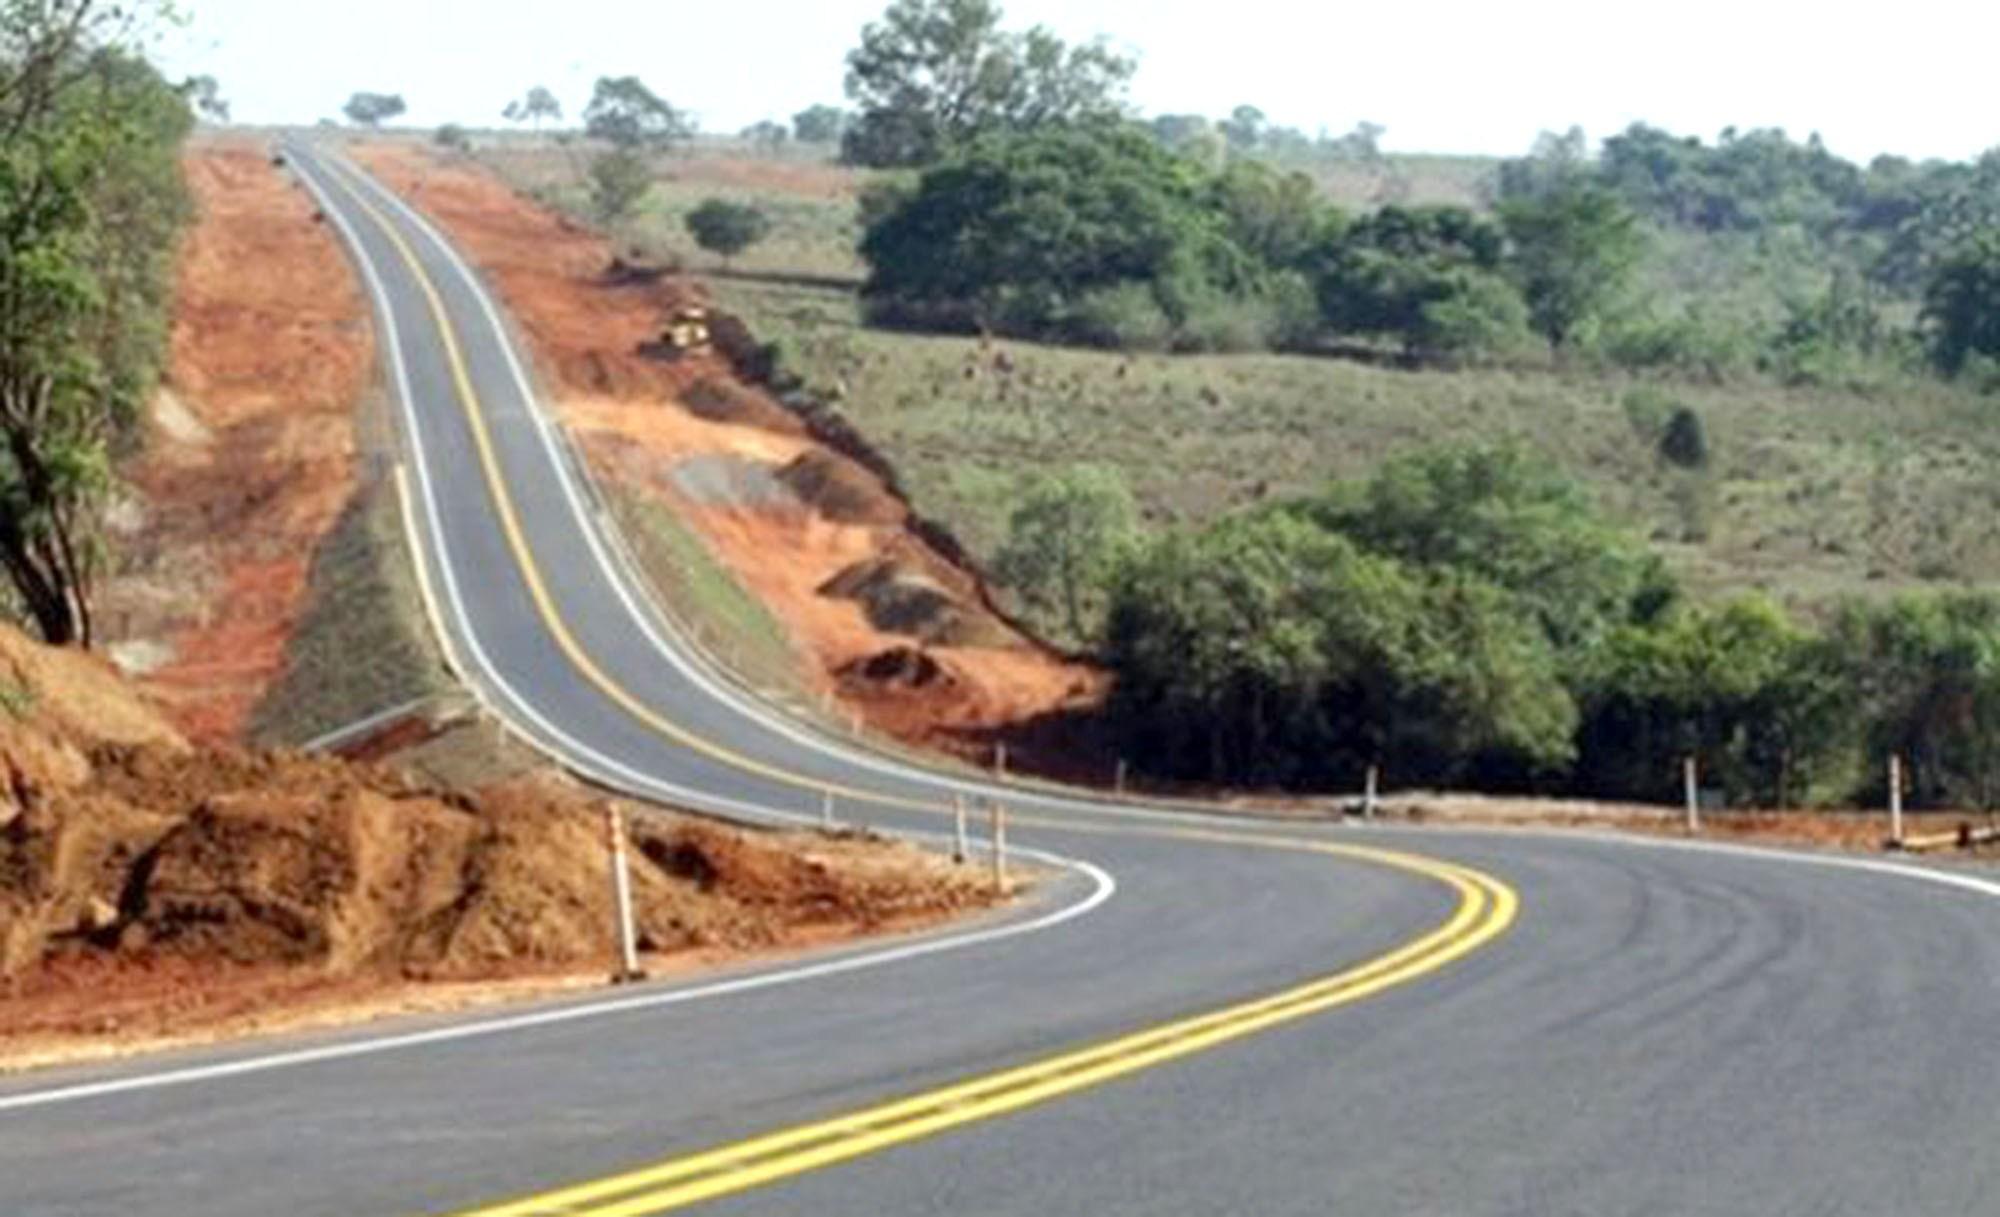 Dnit e Exército iniciam quarta etapa de pesquisa sobre rodovias brasileiras